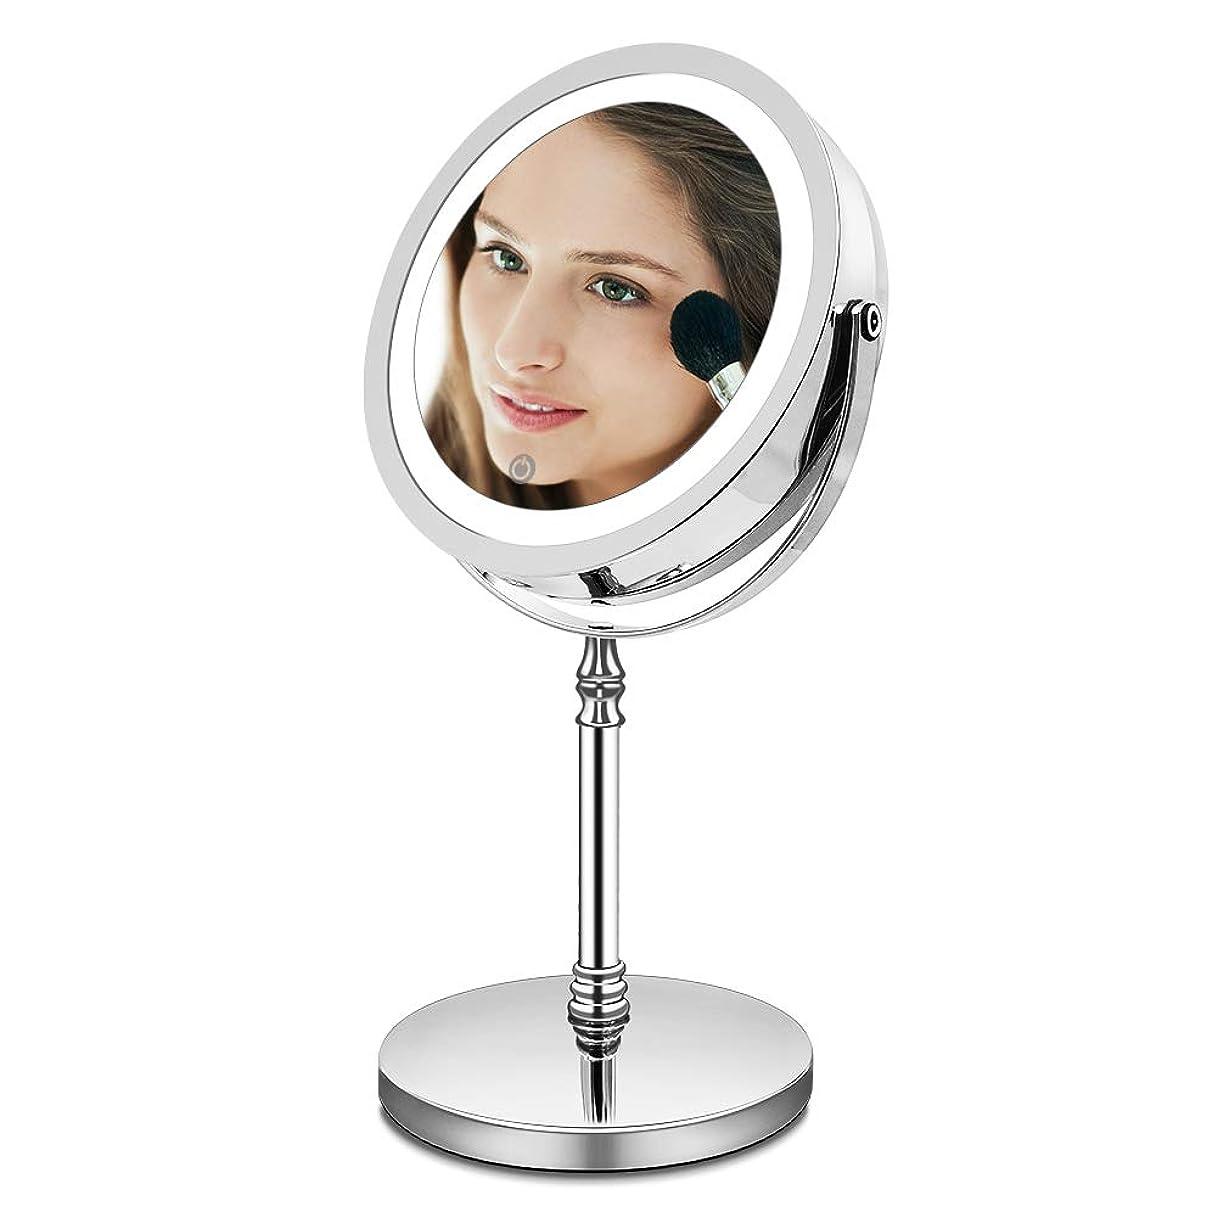 管理廃止するリズムAMZTOLIFE 10倍拡大鏡+等倍鏡 化粧鏡 ライト付き 卓上鏡 ミラー 鏡 化粧ミラー メイクアップミラー スタンドミラー 360度回転 明るさ調節 日本語取扱説明書付き (タイチー)